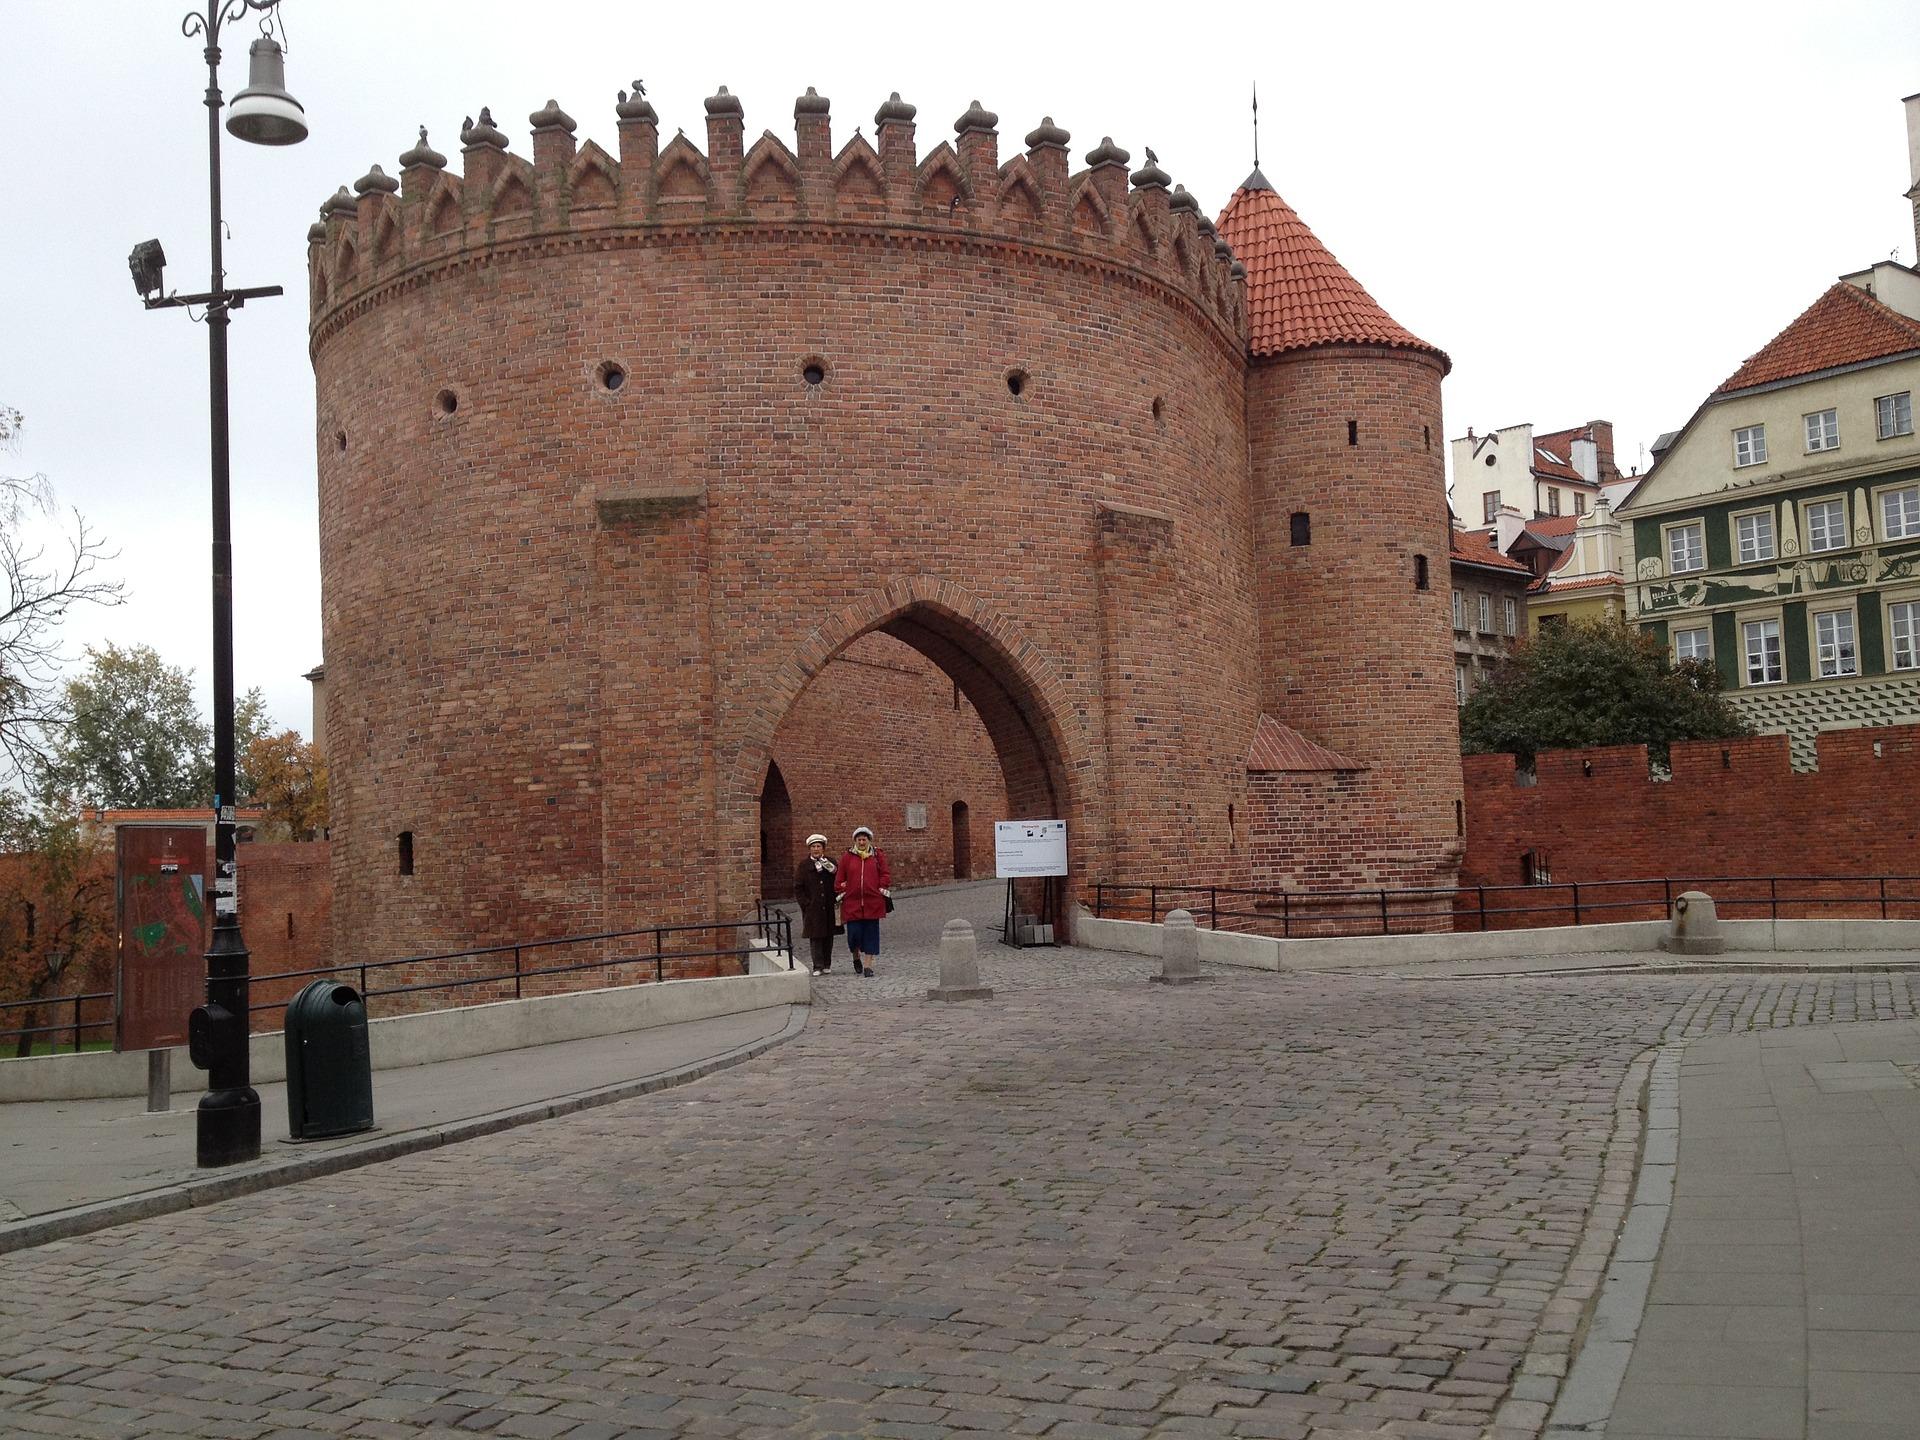 Städtereise Warschau Flug & Hotel 2 Nächte ab 59,98€